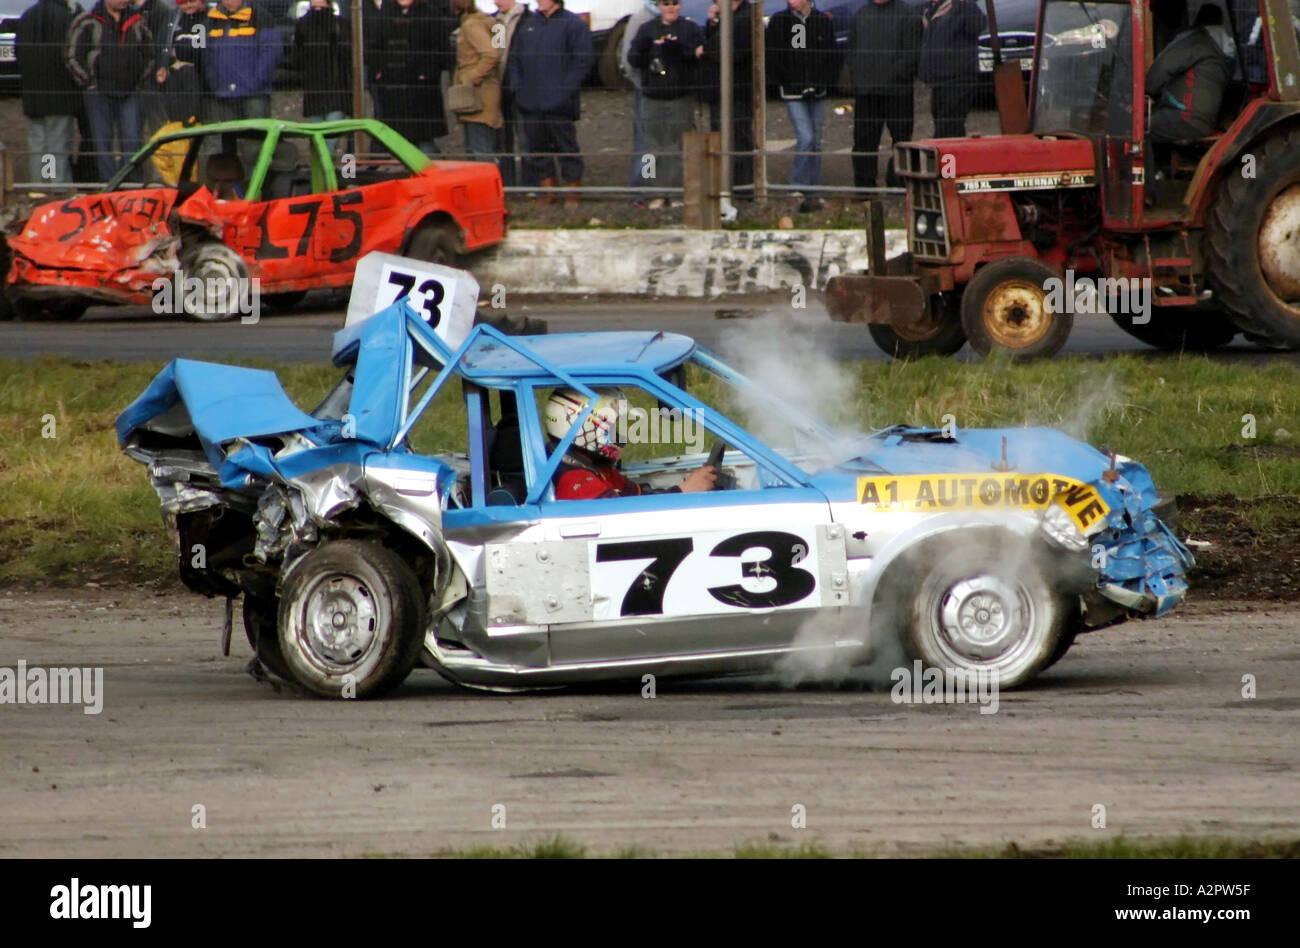 Stock Car Racing Crashes